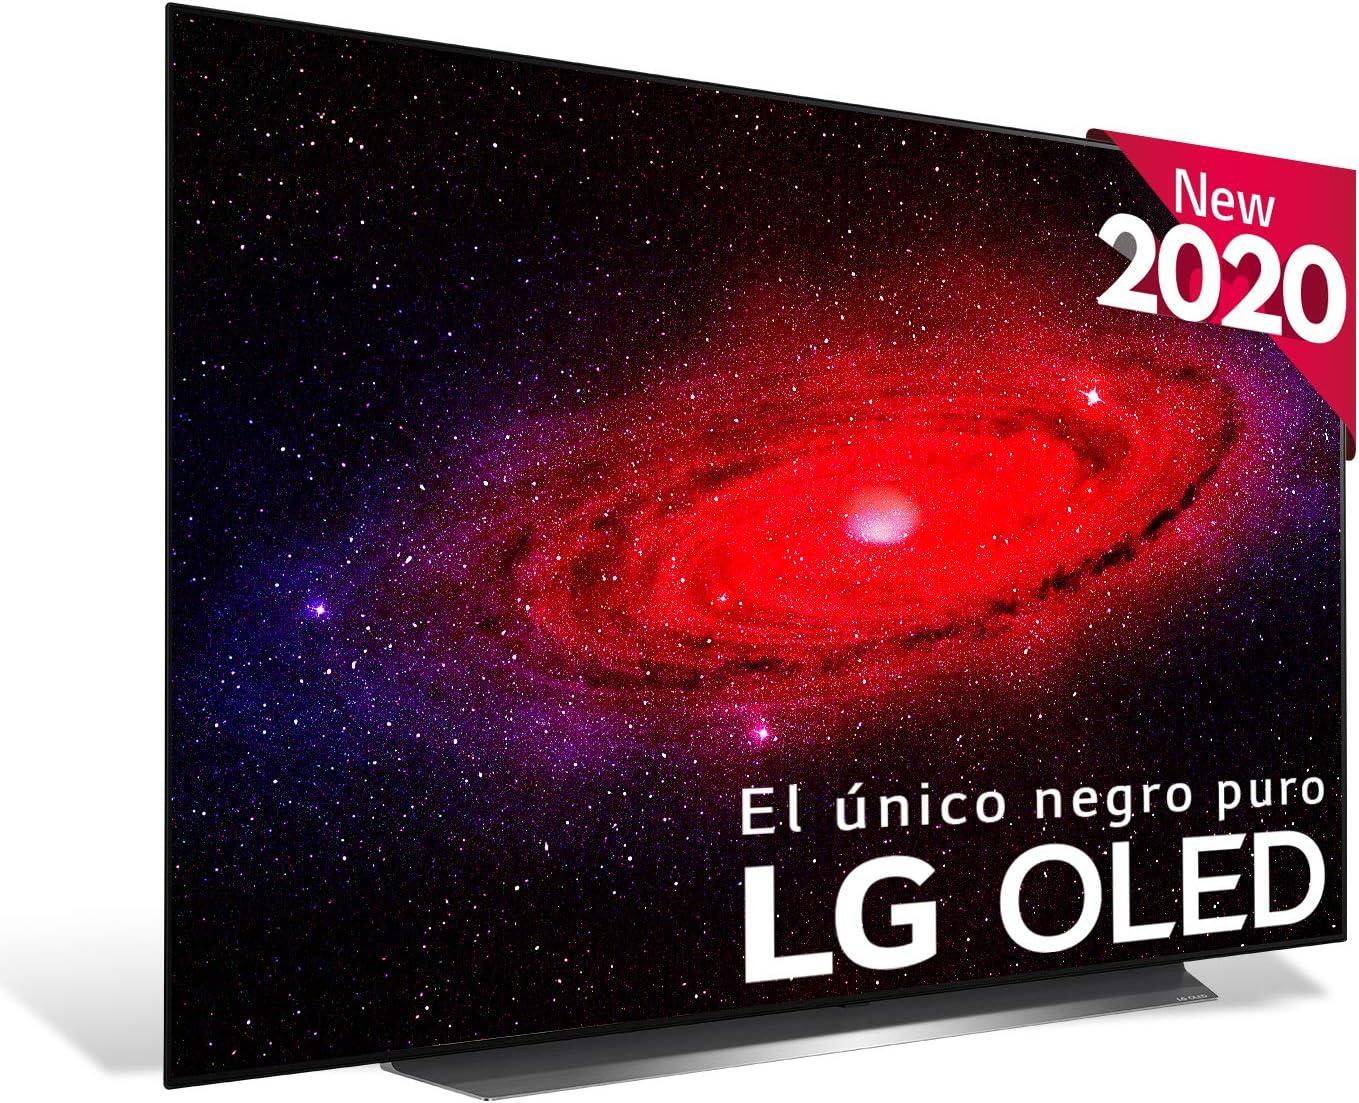 LG OLED65CX6LA - Smart TV 4K UHD OLED